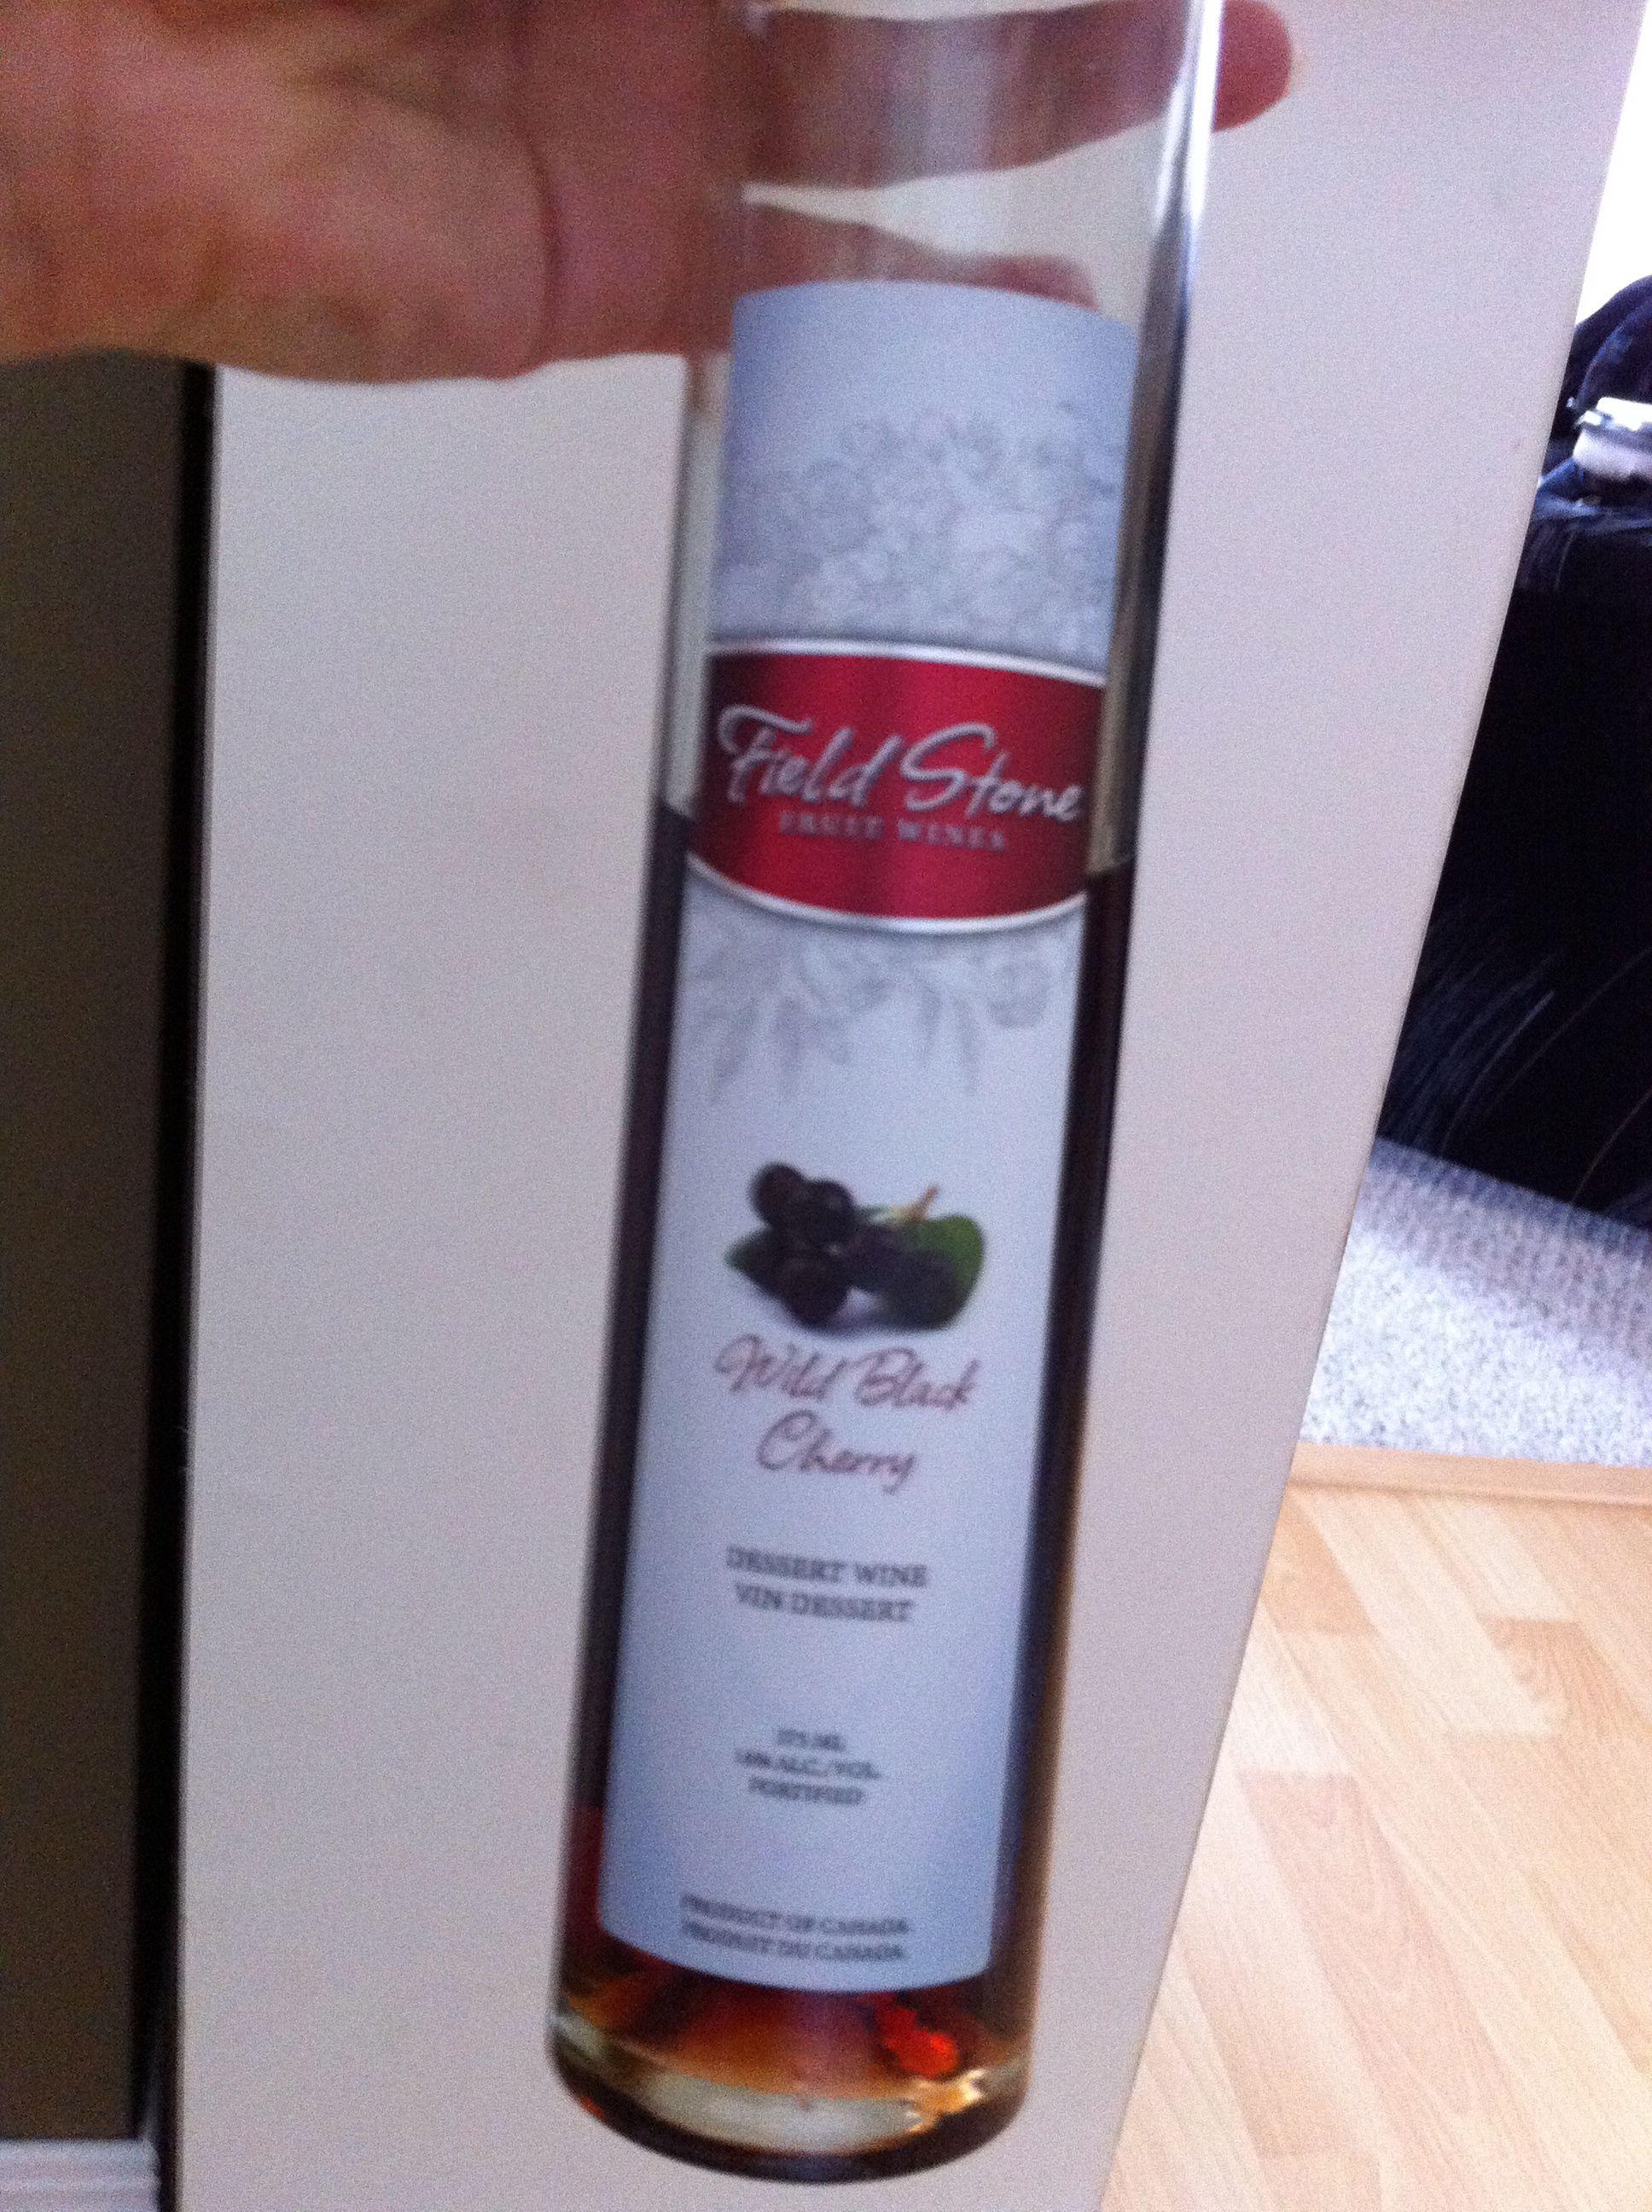 Field Stone - Wild Black Cherry Dessert Wine